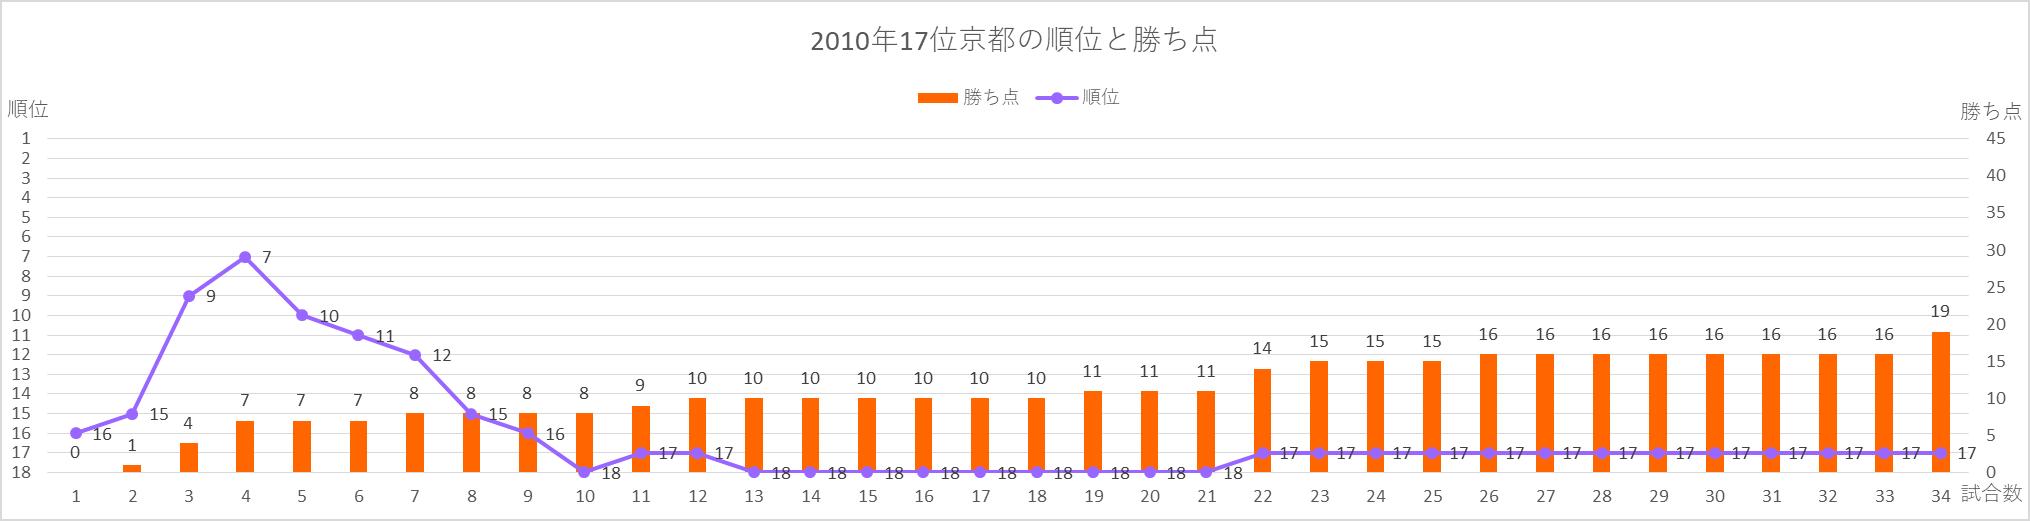 2010年京都の順位と勝ち点の推移